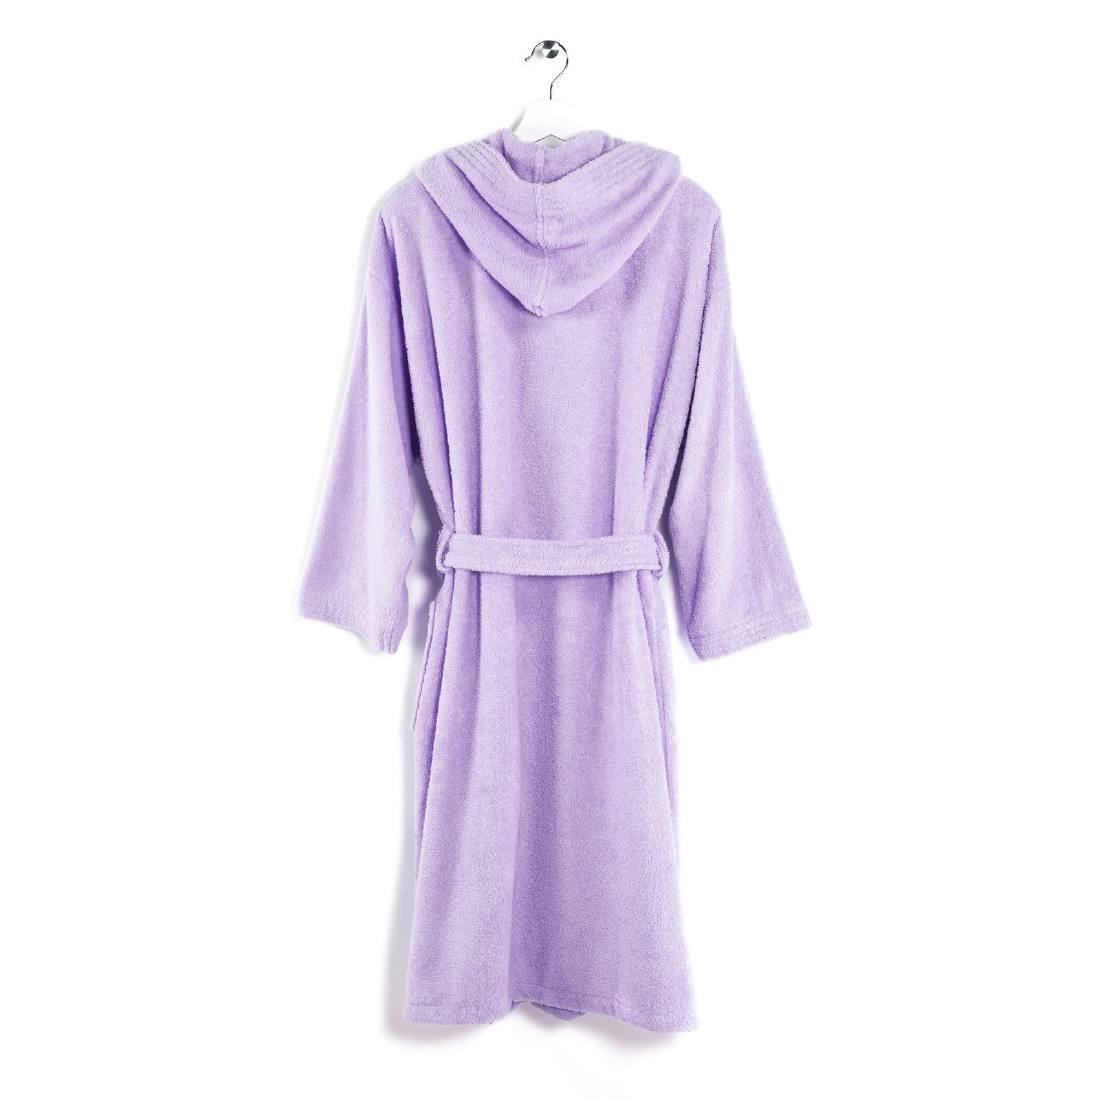 - Caleffi - Albornoz fabricado en tejido de toalla. Modelo: Arcobaleno. Gramaje: 400 g/m²: Amazon.es: Hogar